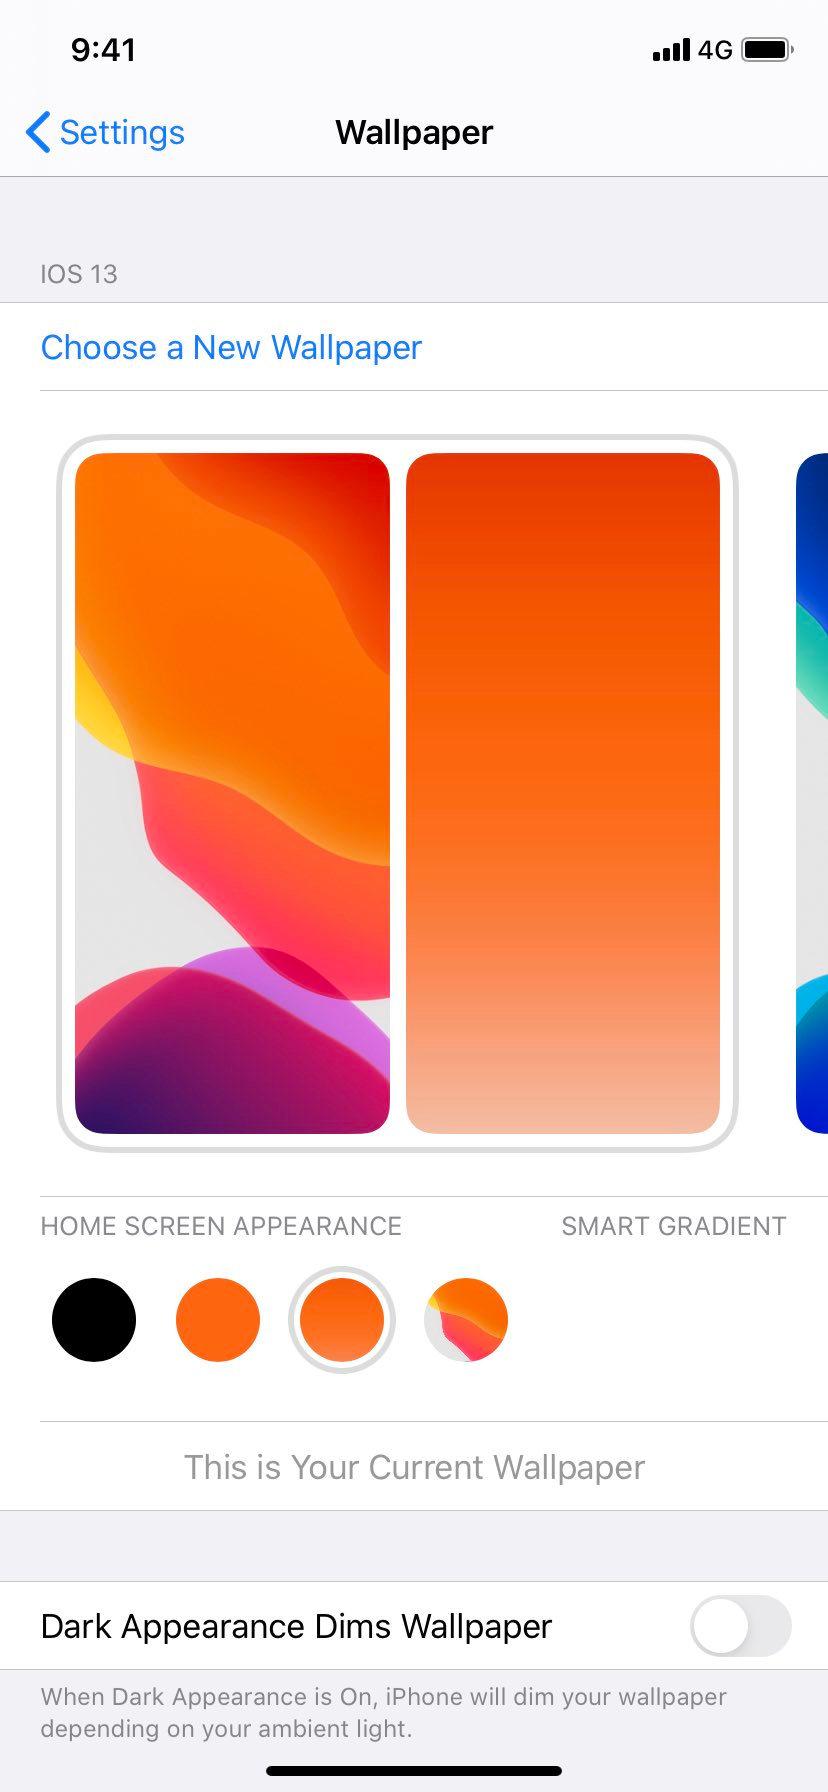 Aktualizacja iOS 14 Apple iPhone ekran domowy początkowy widżety tła tapety plotki przecieki wycieki